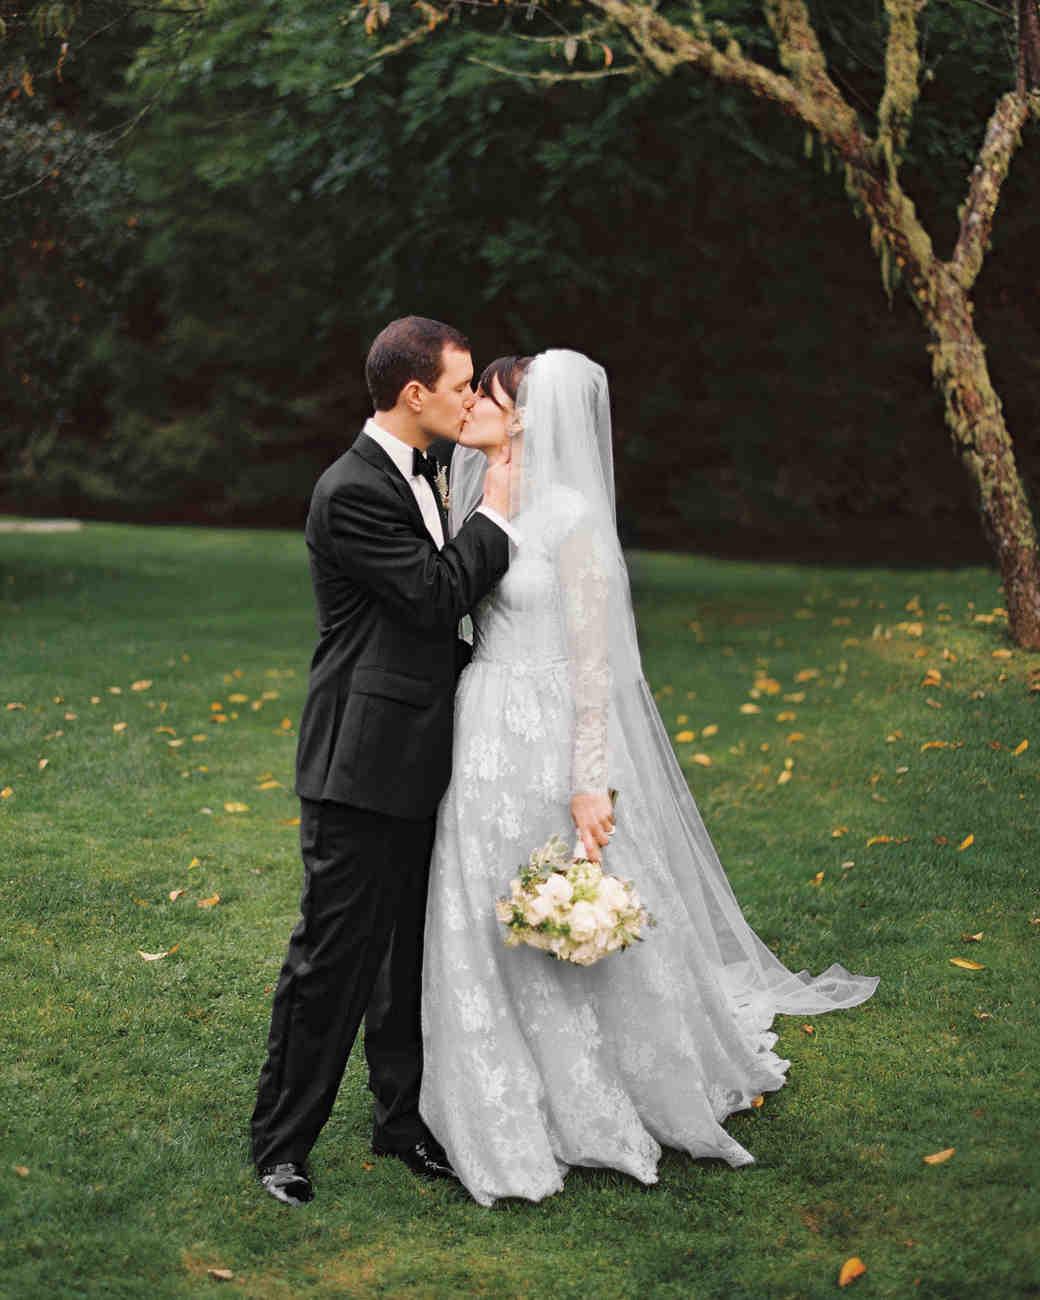 bride-groom-kiss-008905-r1-007-copy-comp-mwds110846.jpg